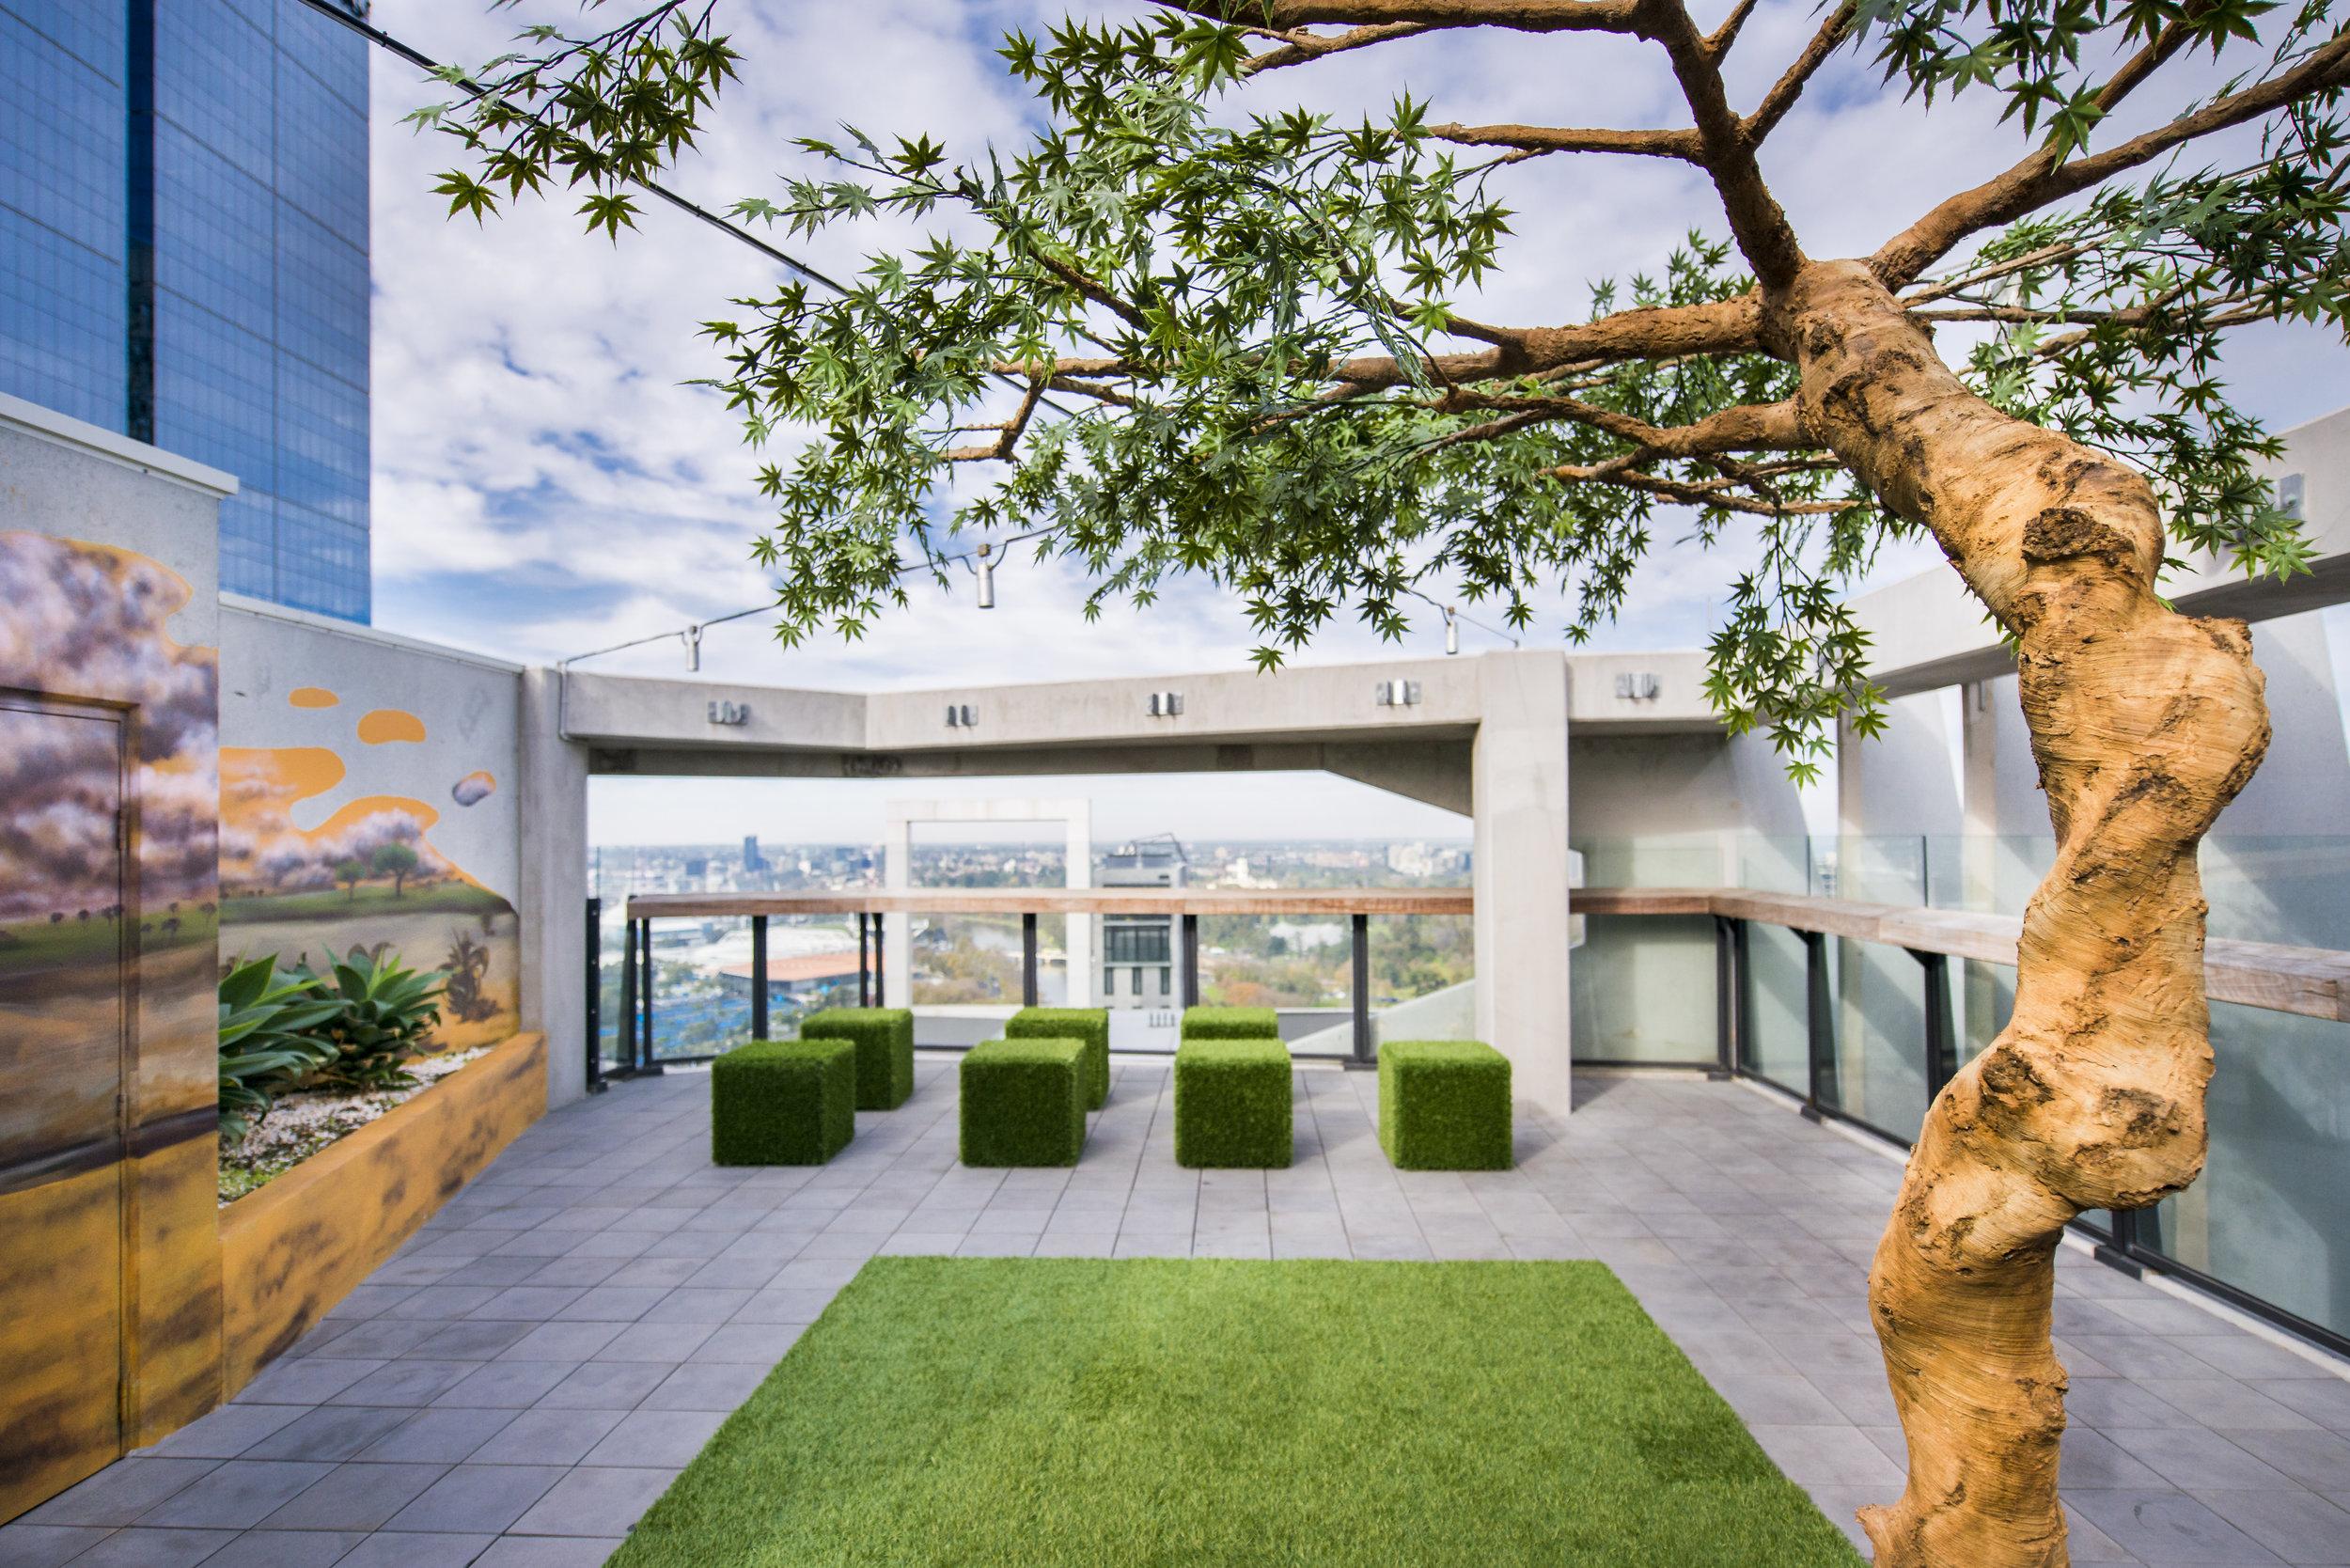 L22 Rooftop garden